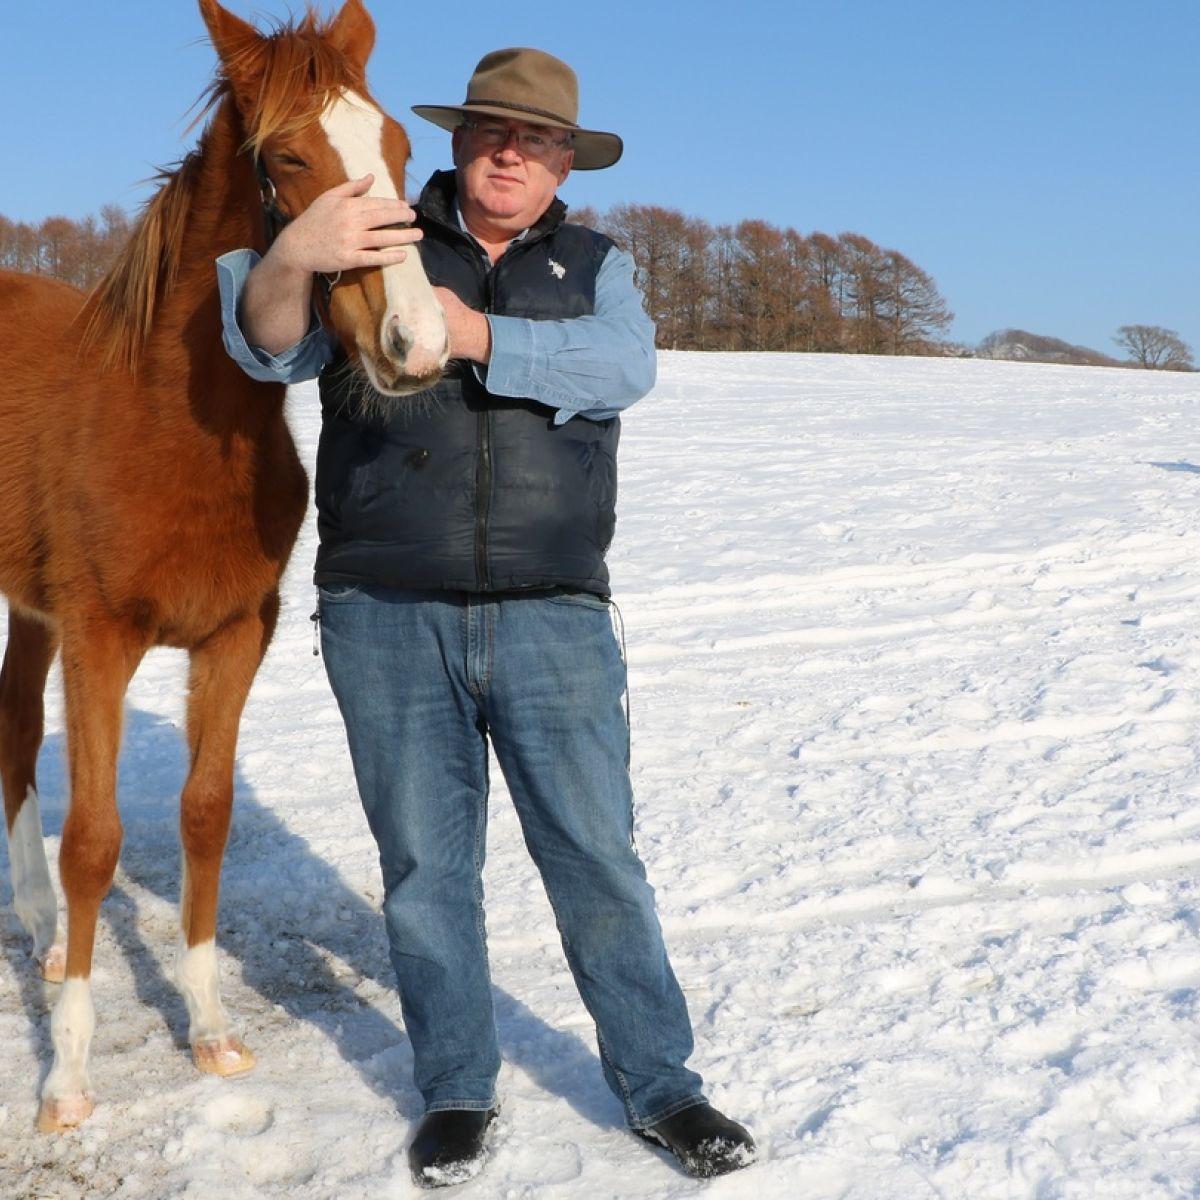 Wild Geese: Harry Sweeney, owner of Paca Paca stud farm